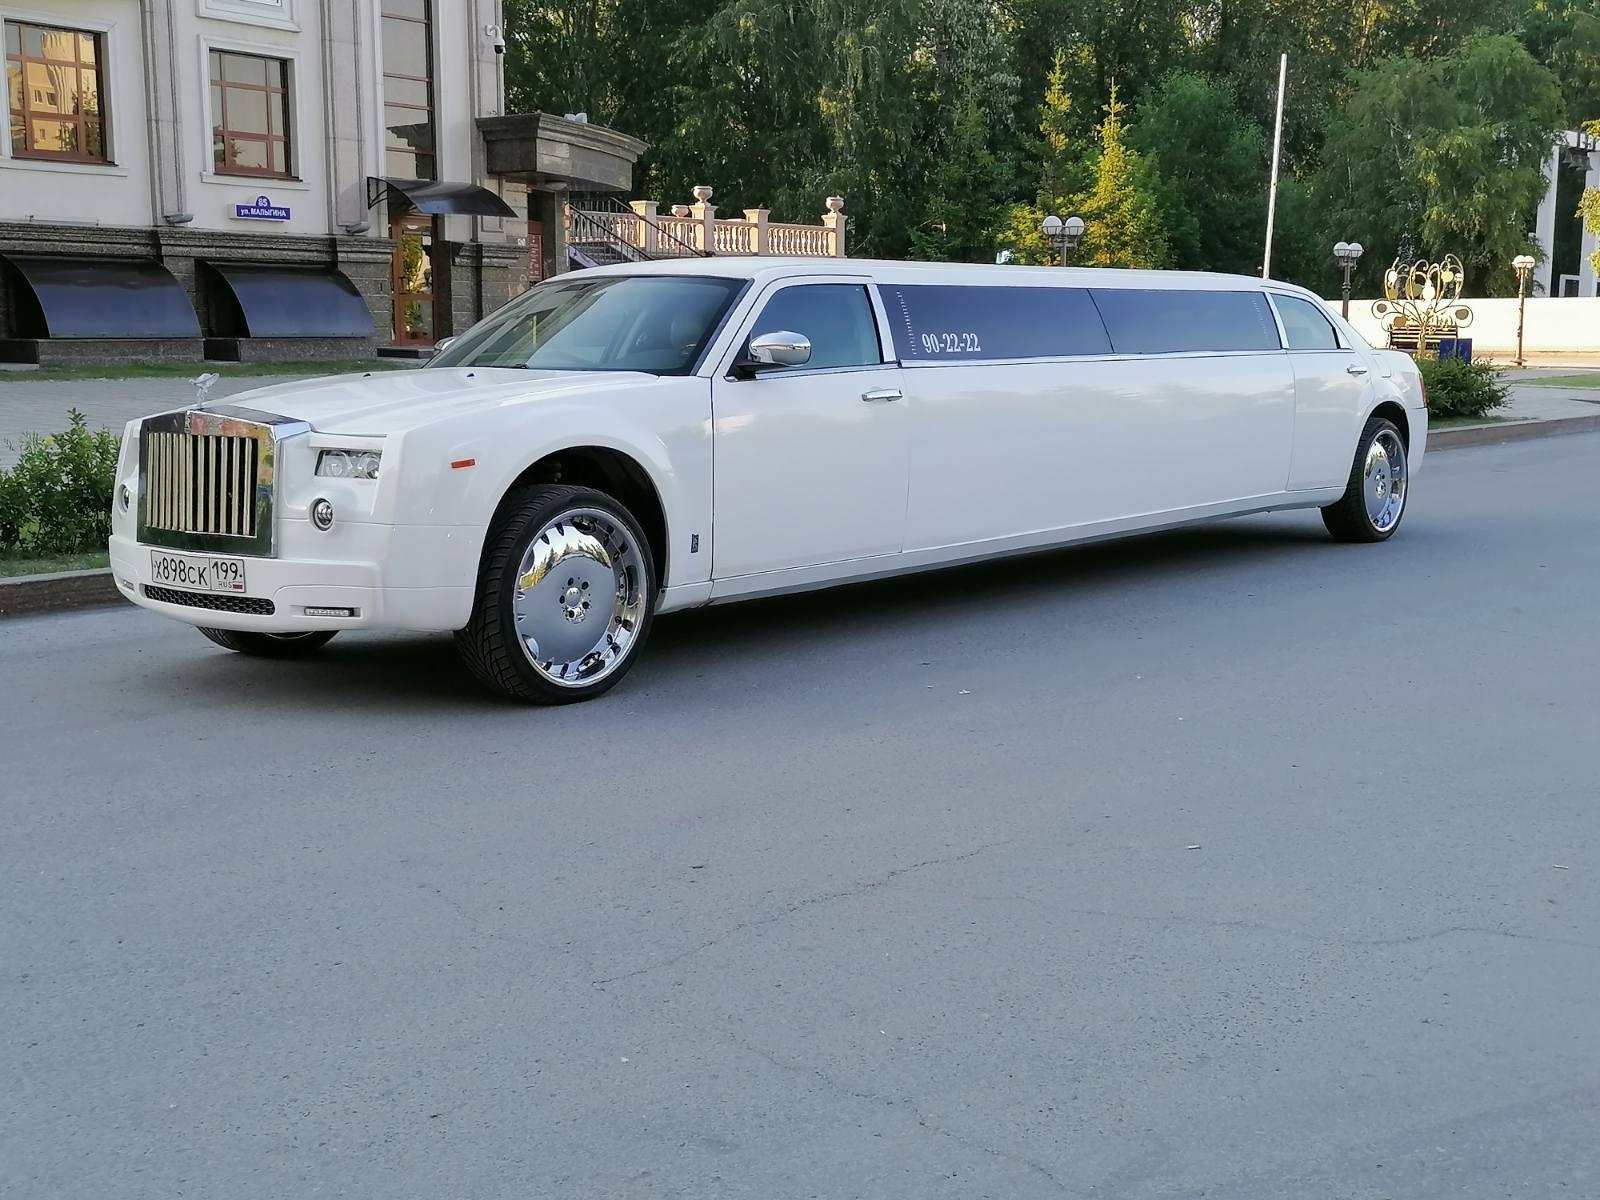 Прокат лимузина Chrysler 300C Rolls Royce Phantom с КАРАОКЕ в Тюмени от 1500 рублей.